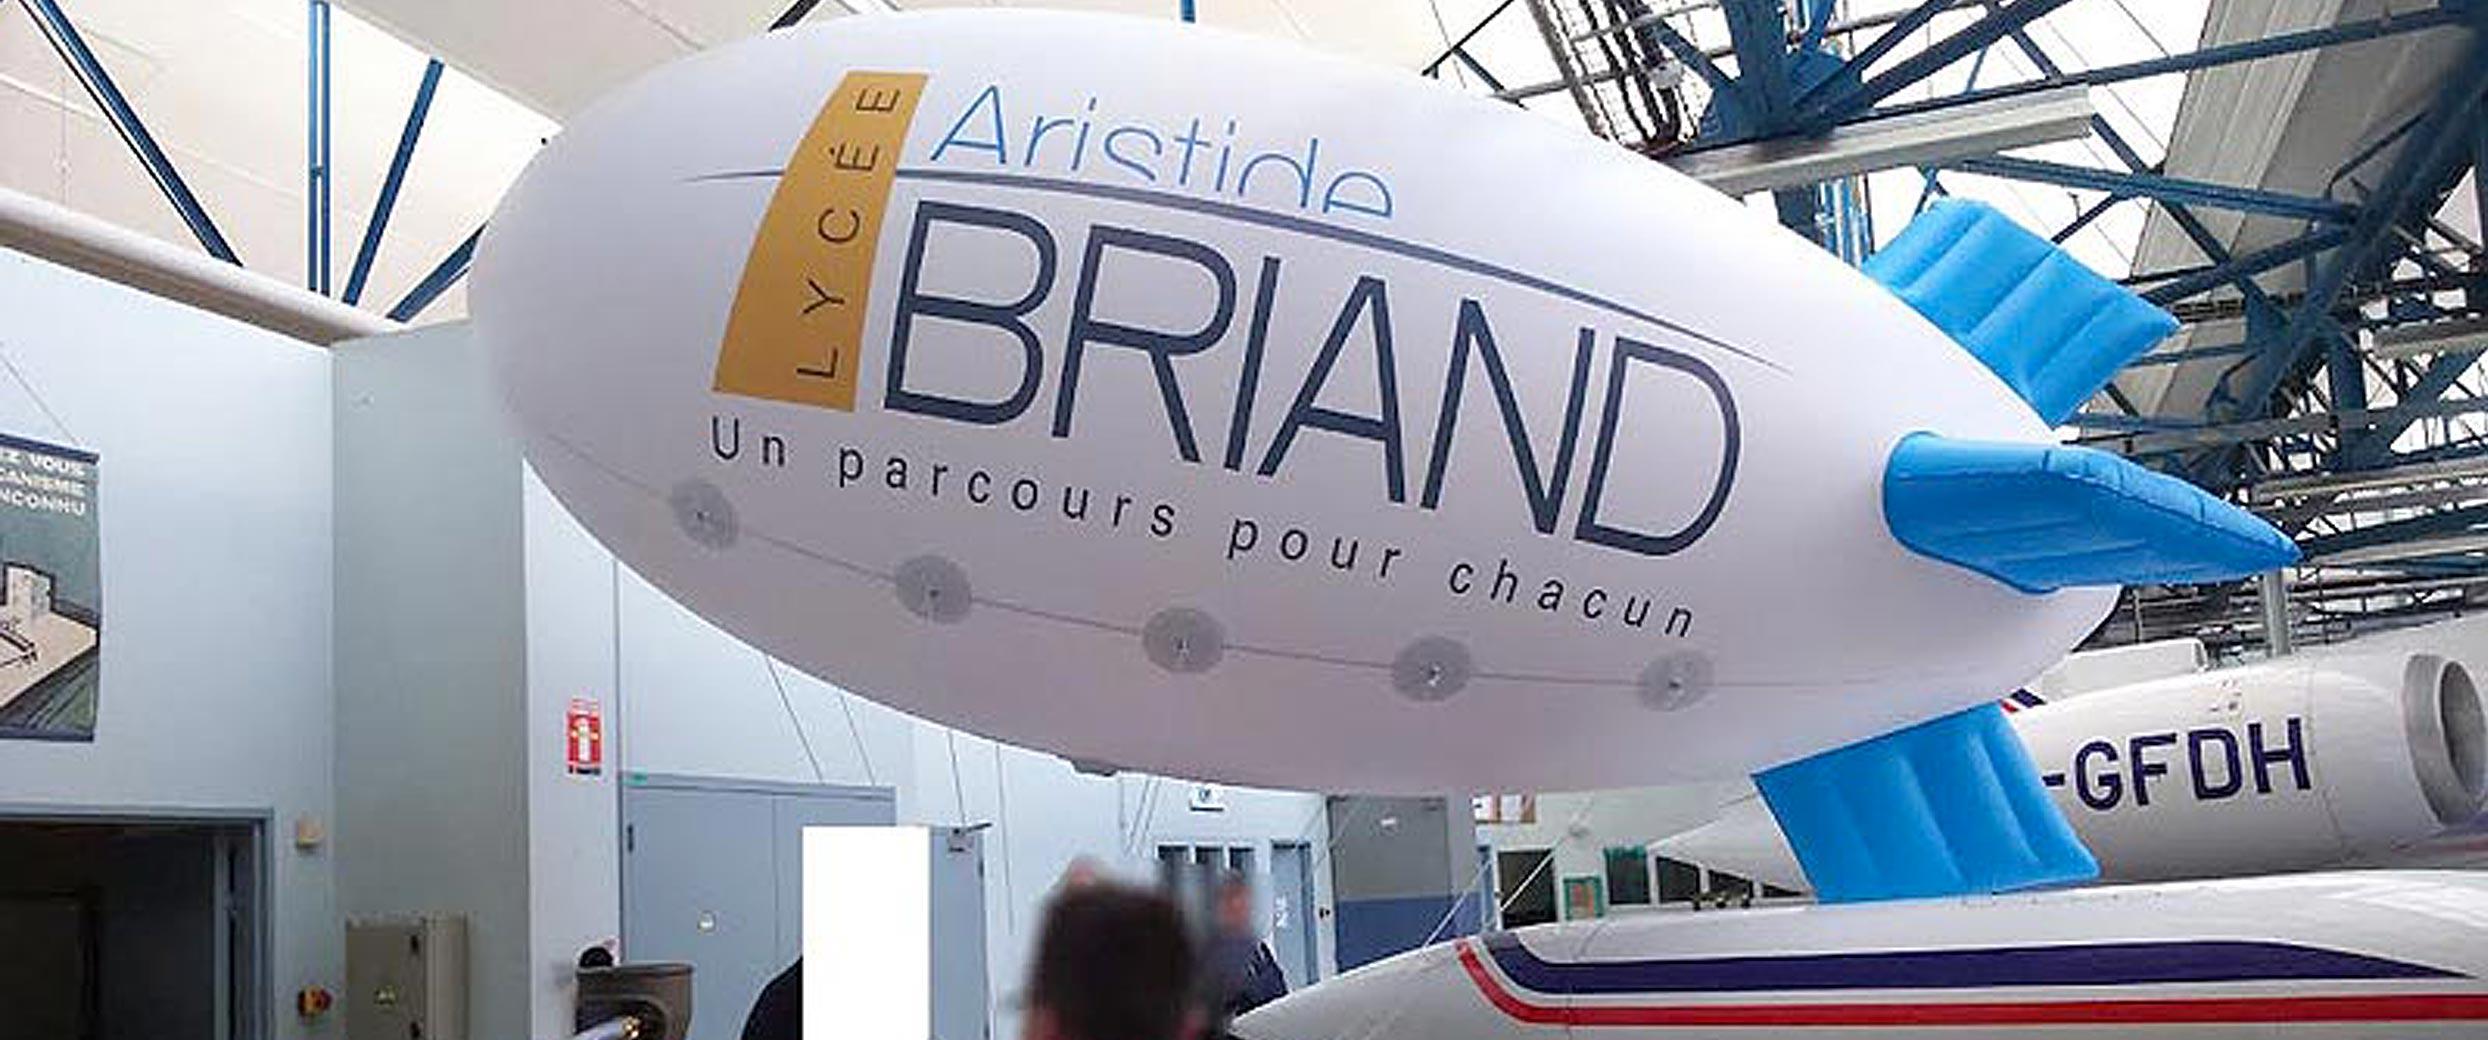 Le lycée Aristide Birand a demandé à FlyPix de créer une structure gonflable publicitaire de grande taille en forme de ballon dirigeable ou zeppelin.